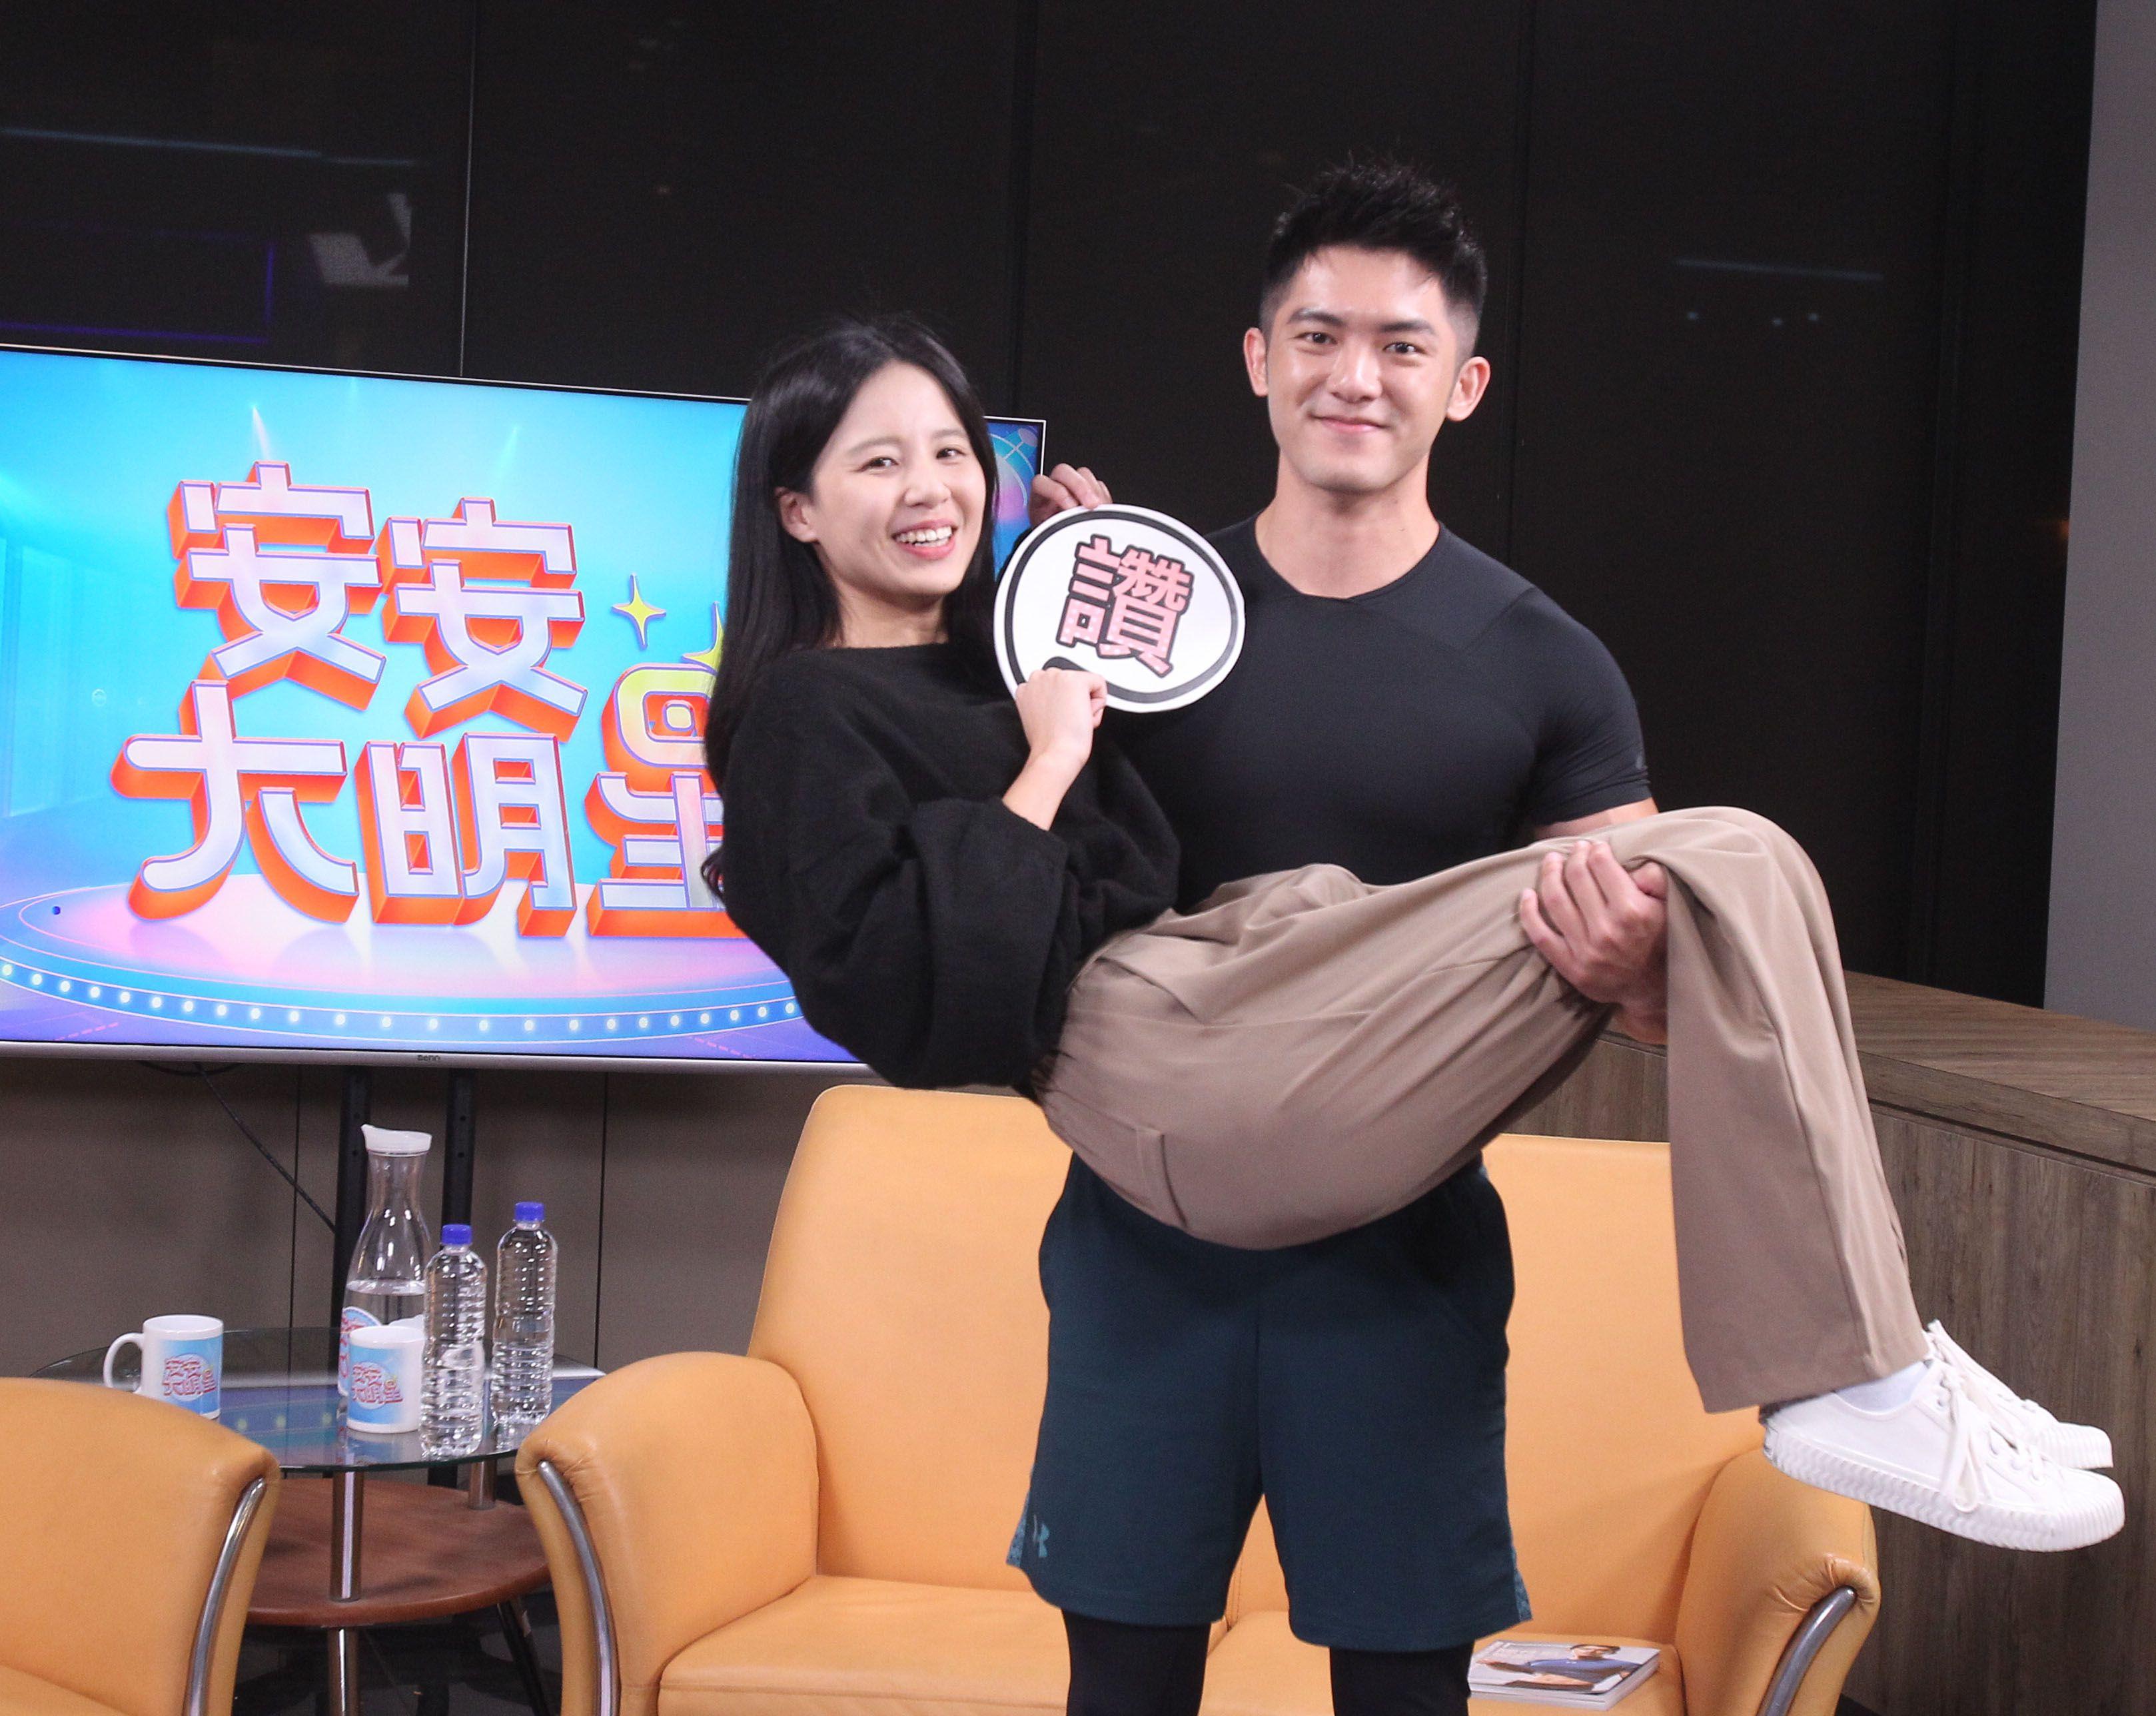 健身教練林冠宇安安大明星寫真集宣傳。(記者邱榮吉/攝影)